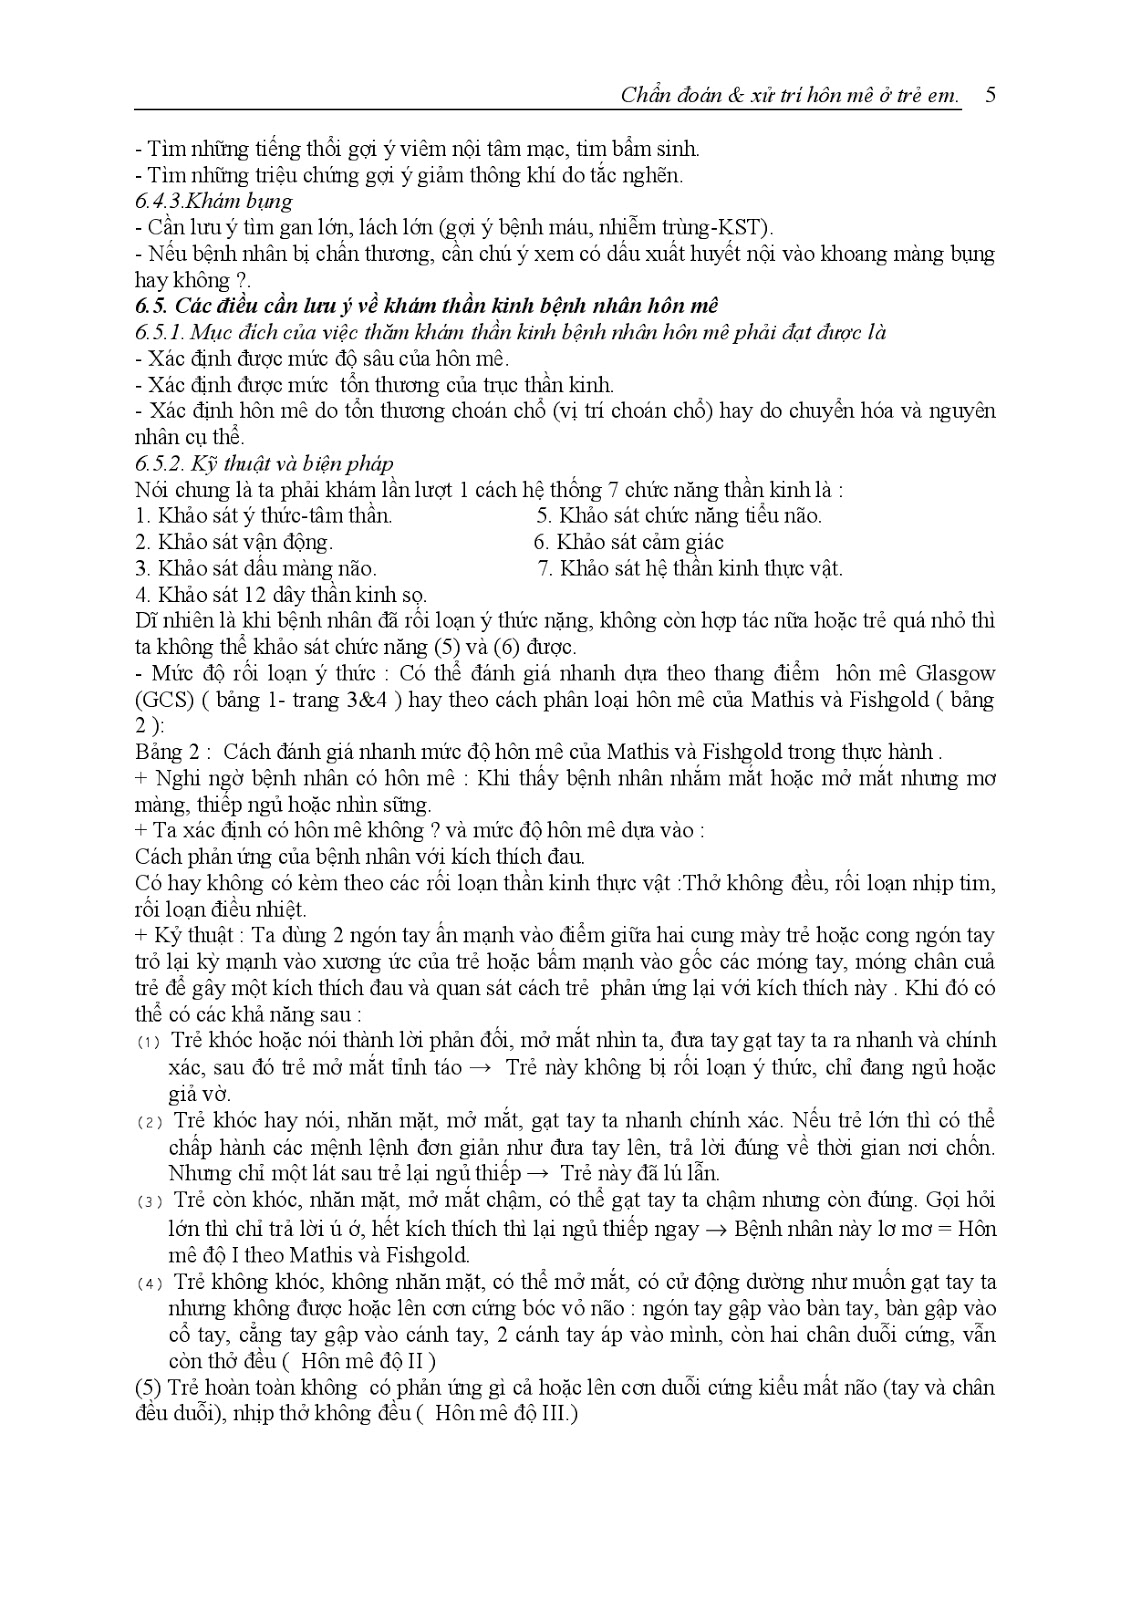 Trang 6 sach Bài giảng Nhi khoa III (Sơ sinh - Cấp cứu - Thần kinh - Chăm sóc sức khỏe ban đầu) - ĐH Y Huế